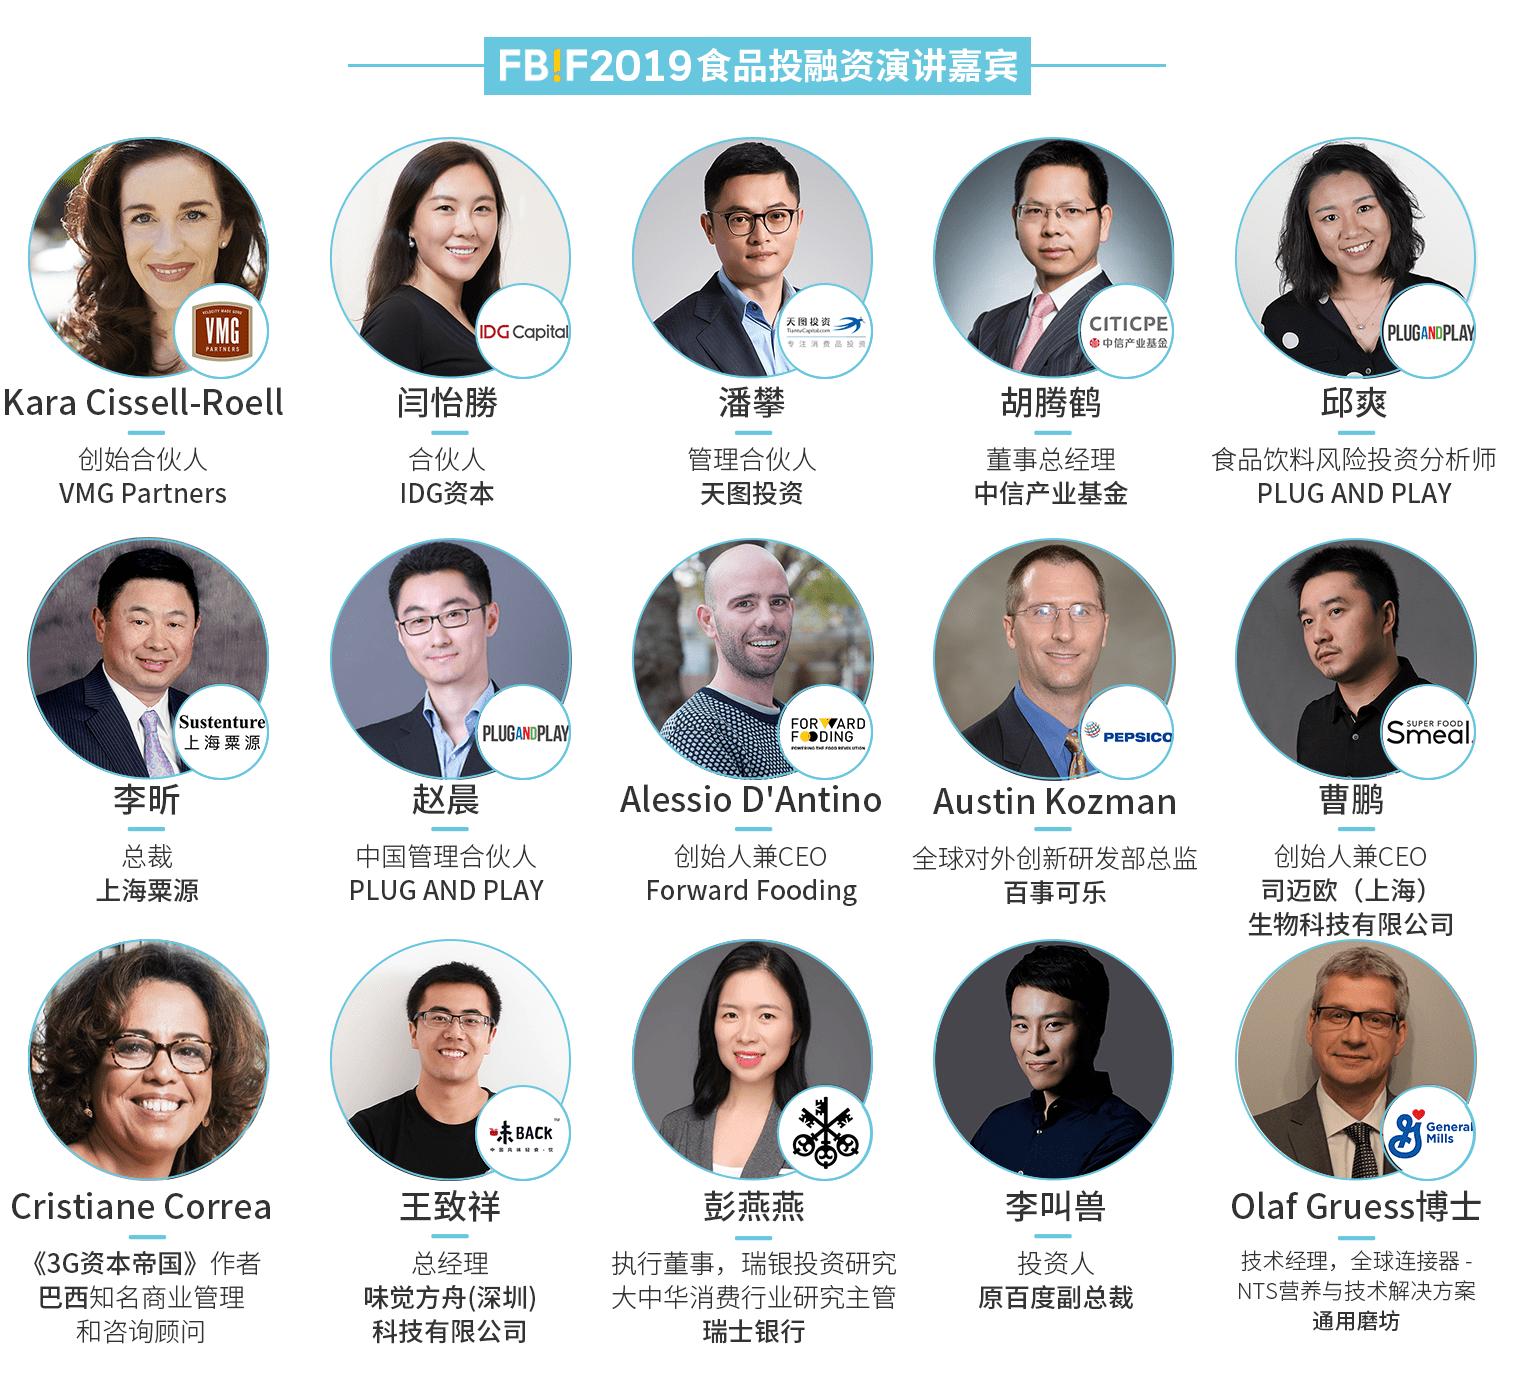 7-通稿分论坛嘉宾-web-食品投融资